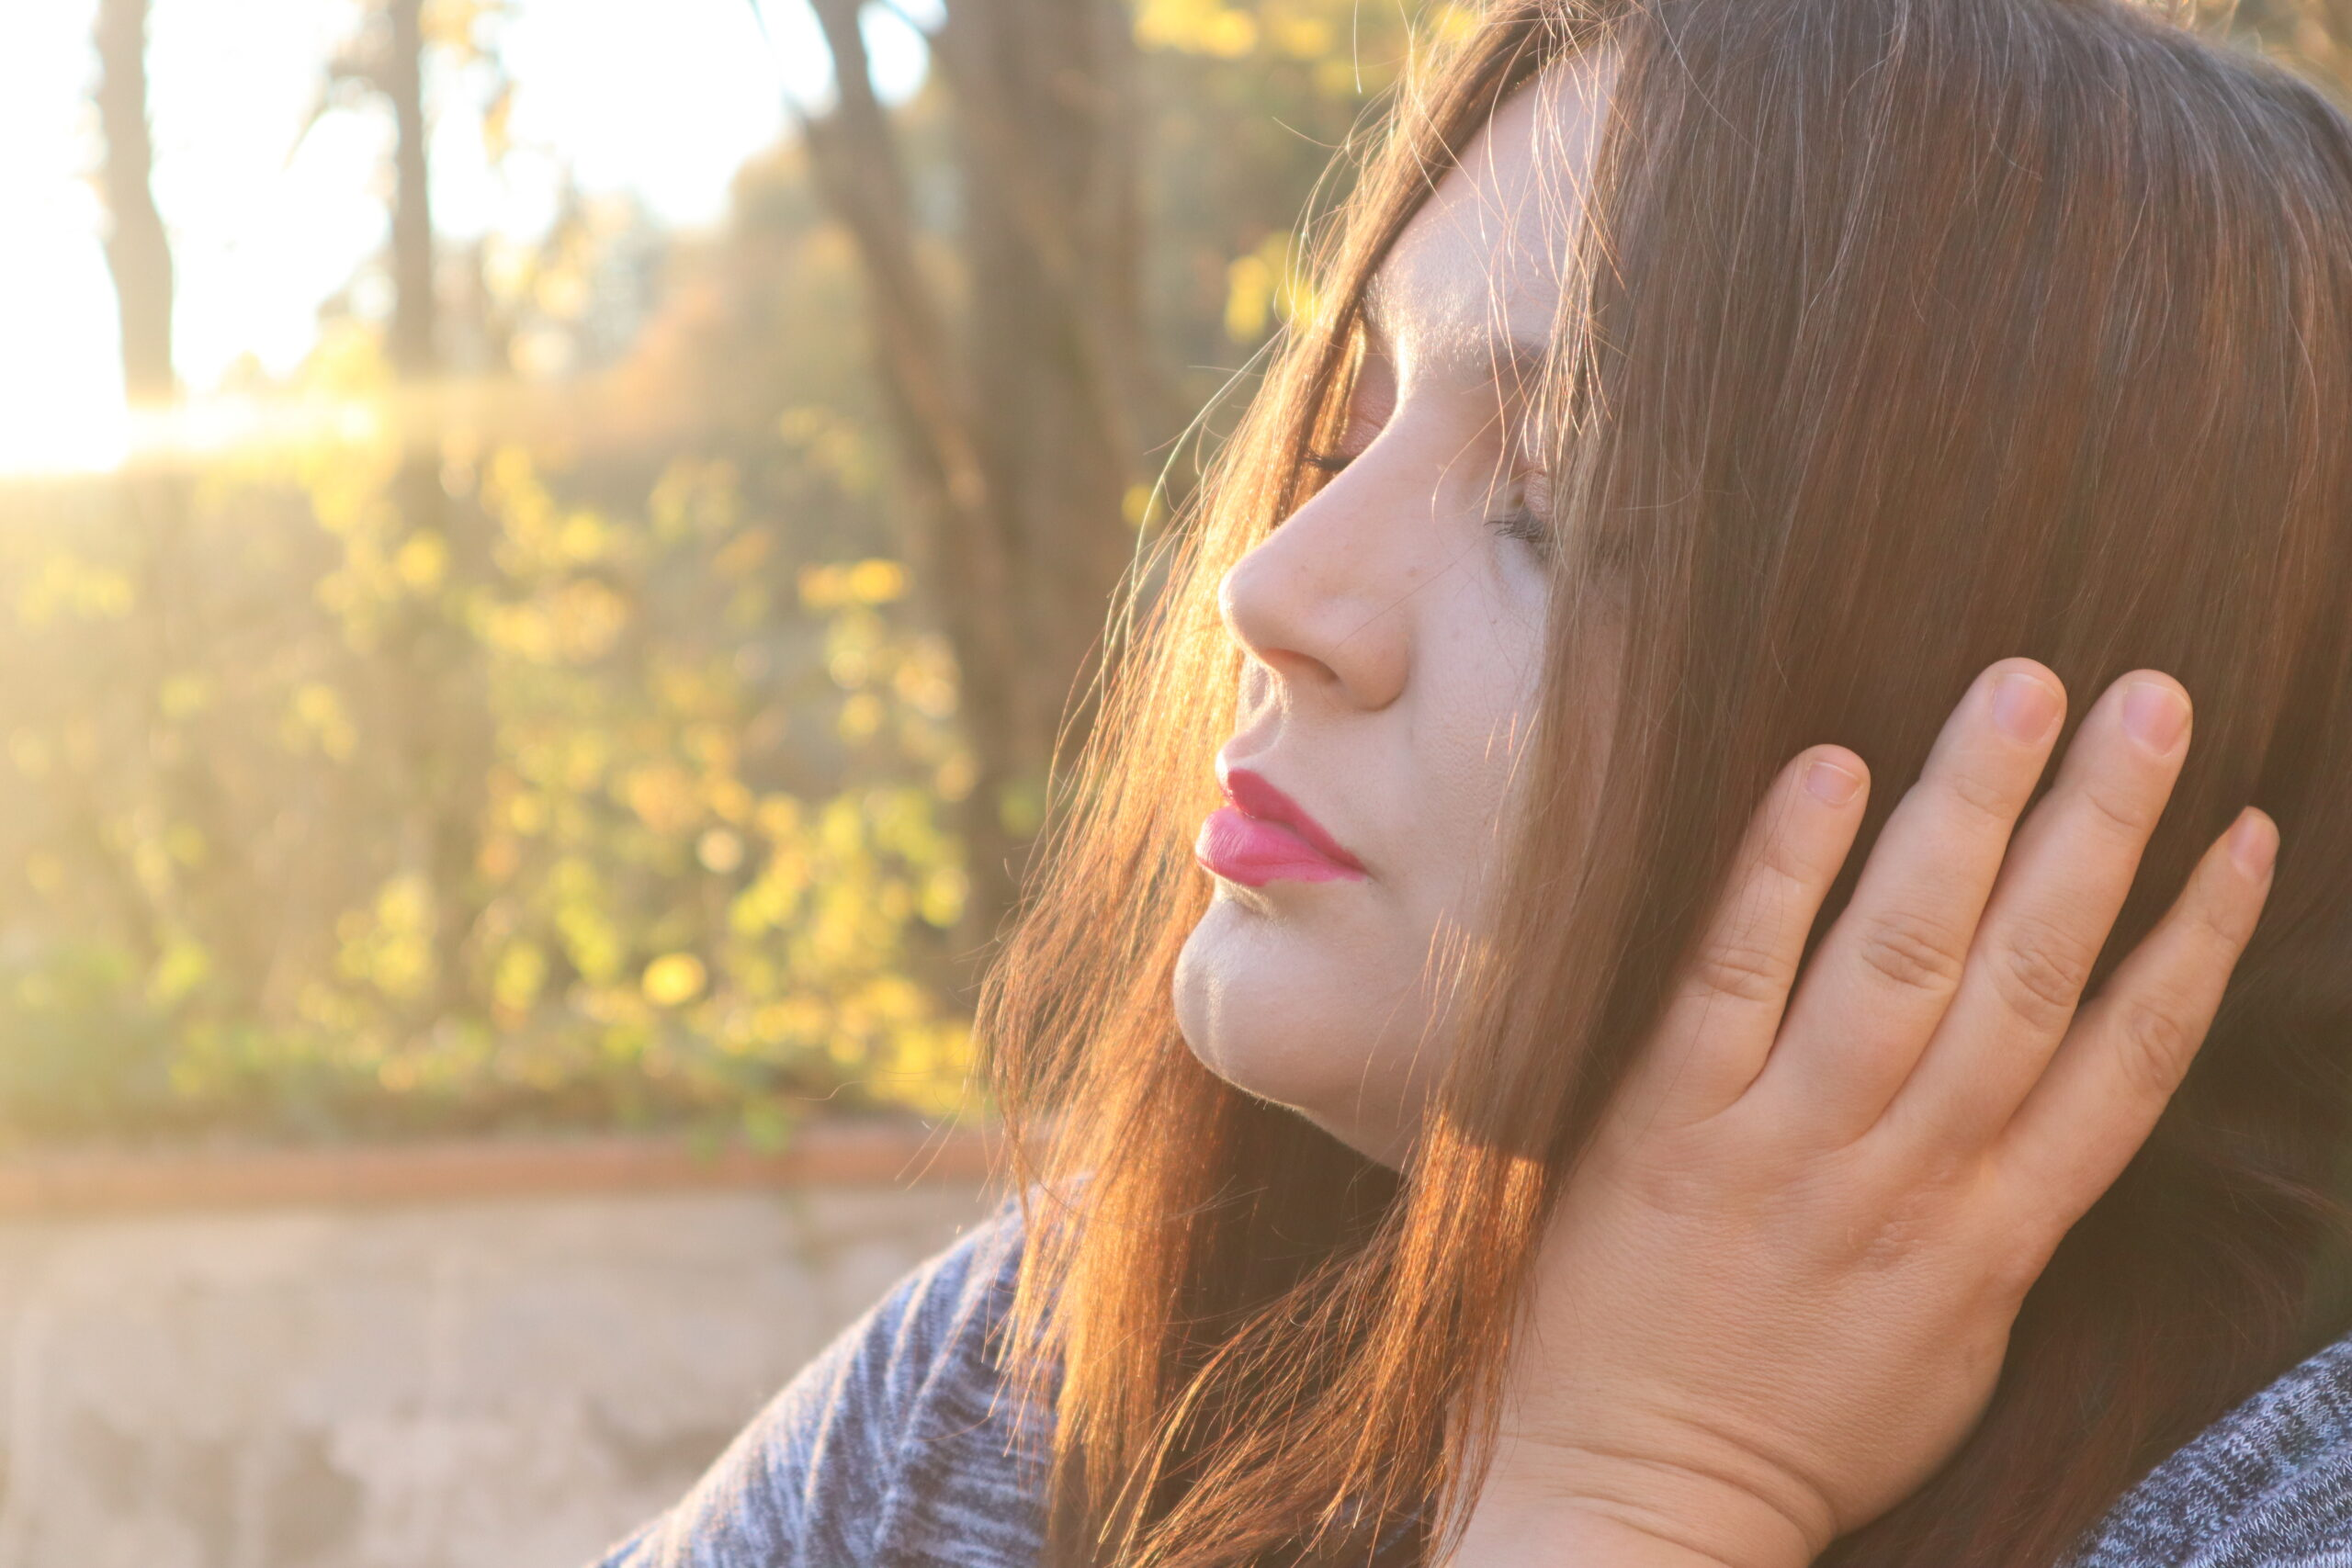 Foto personale che indica il senso di risveglio dopo un periodo di riflessione.